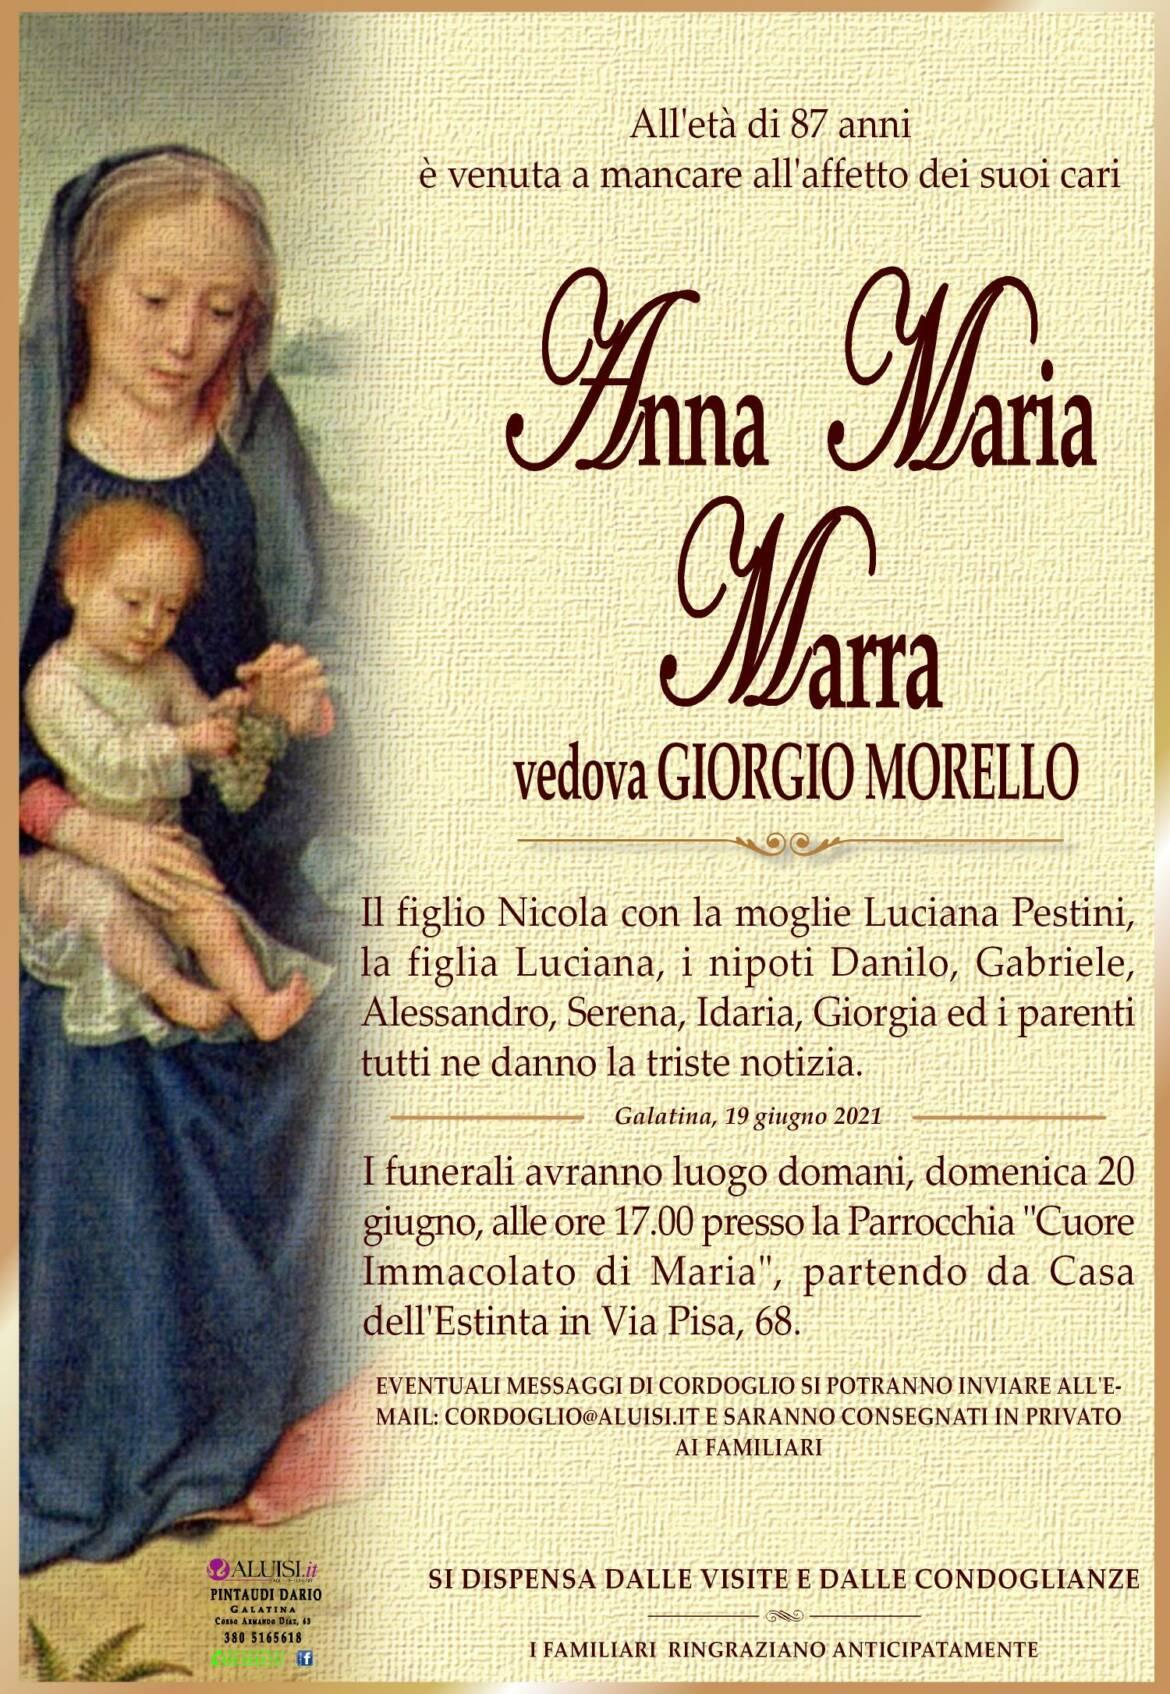 ANNUNCIO-anna-maria-marra-galatina-1-1.jpg